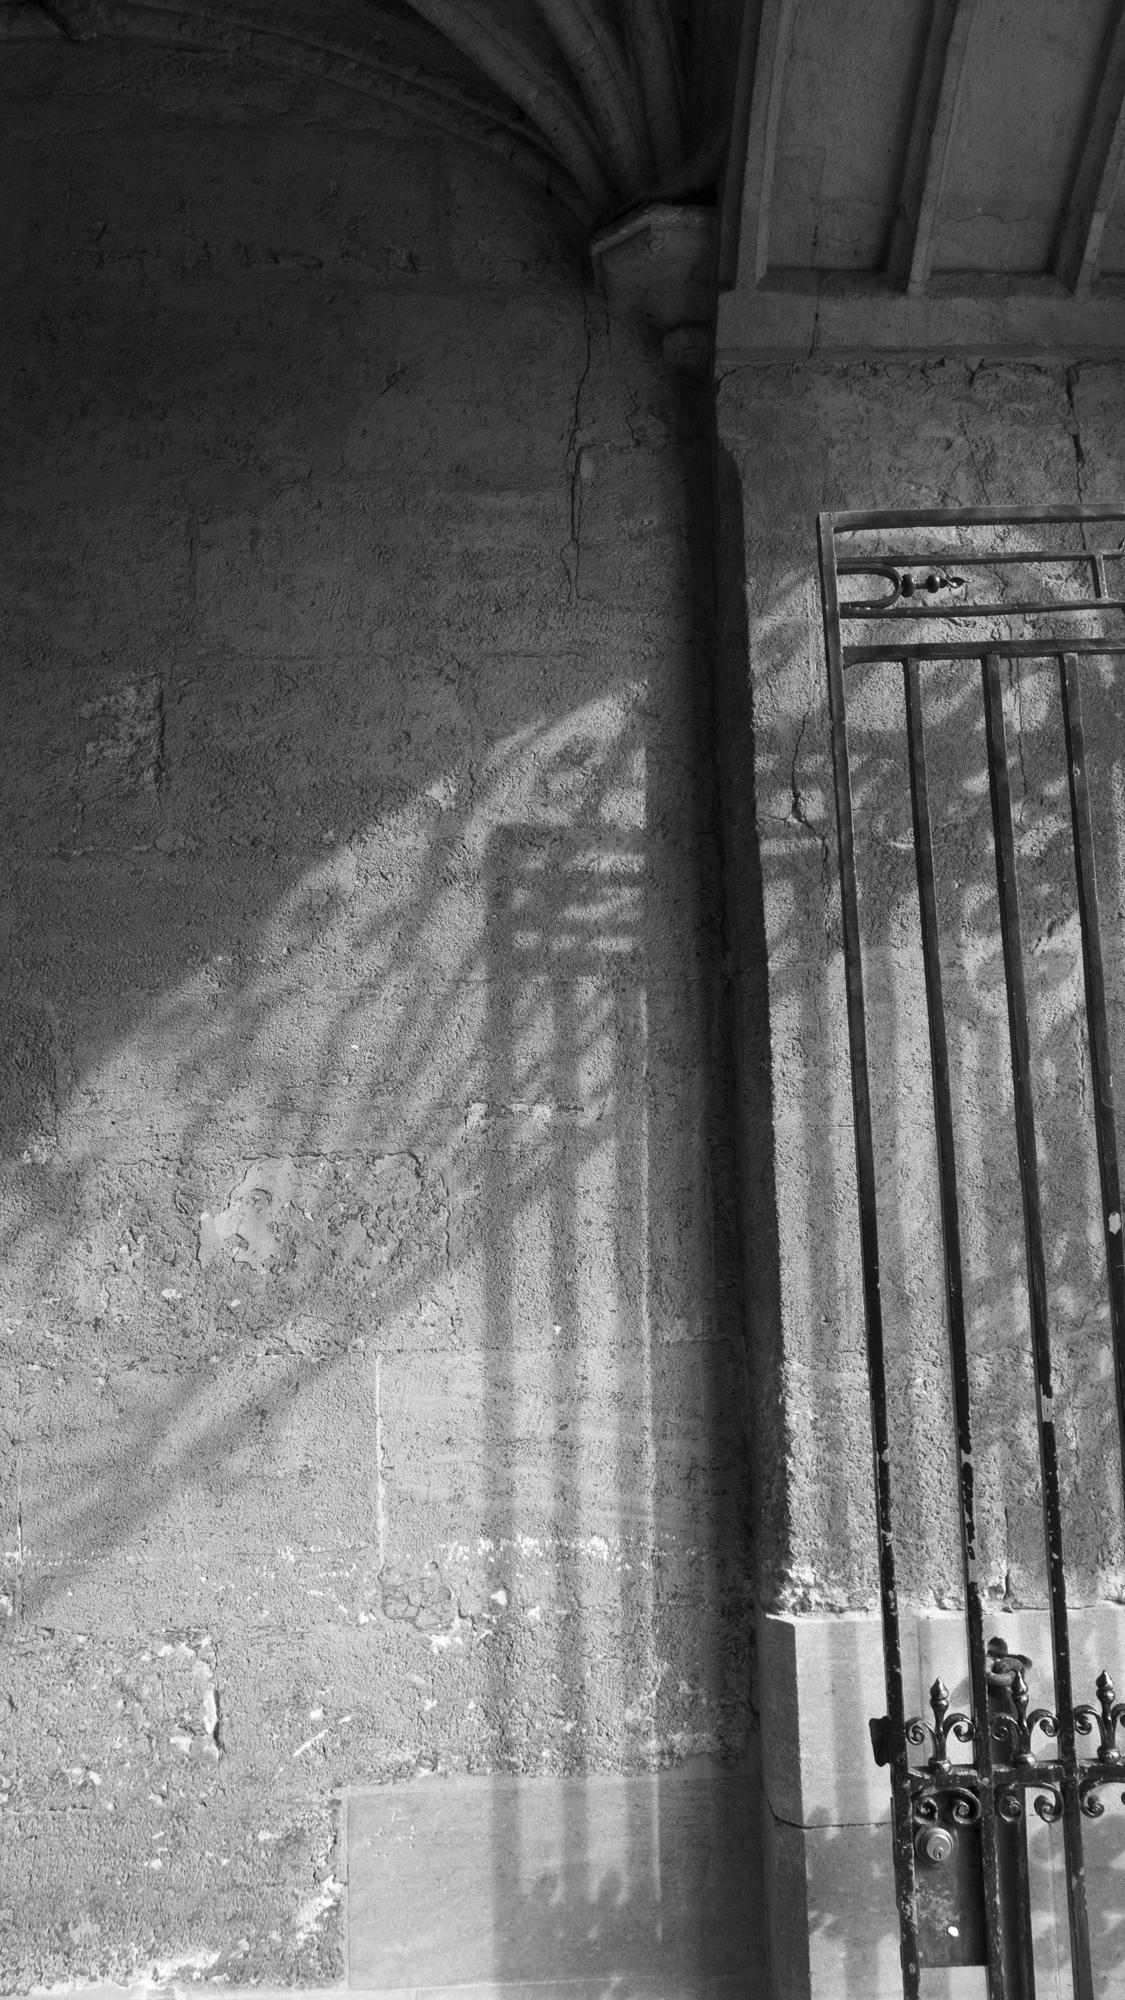 gate_shadow1_bw.jpg